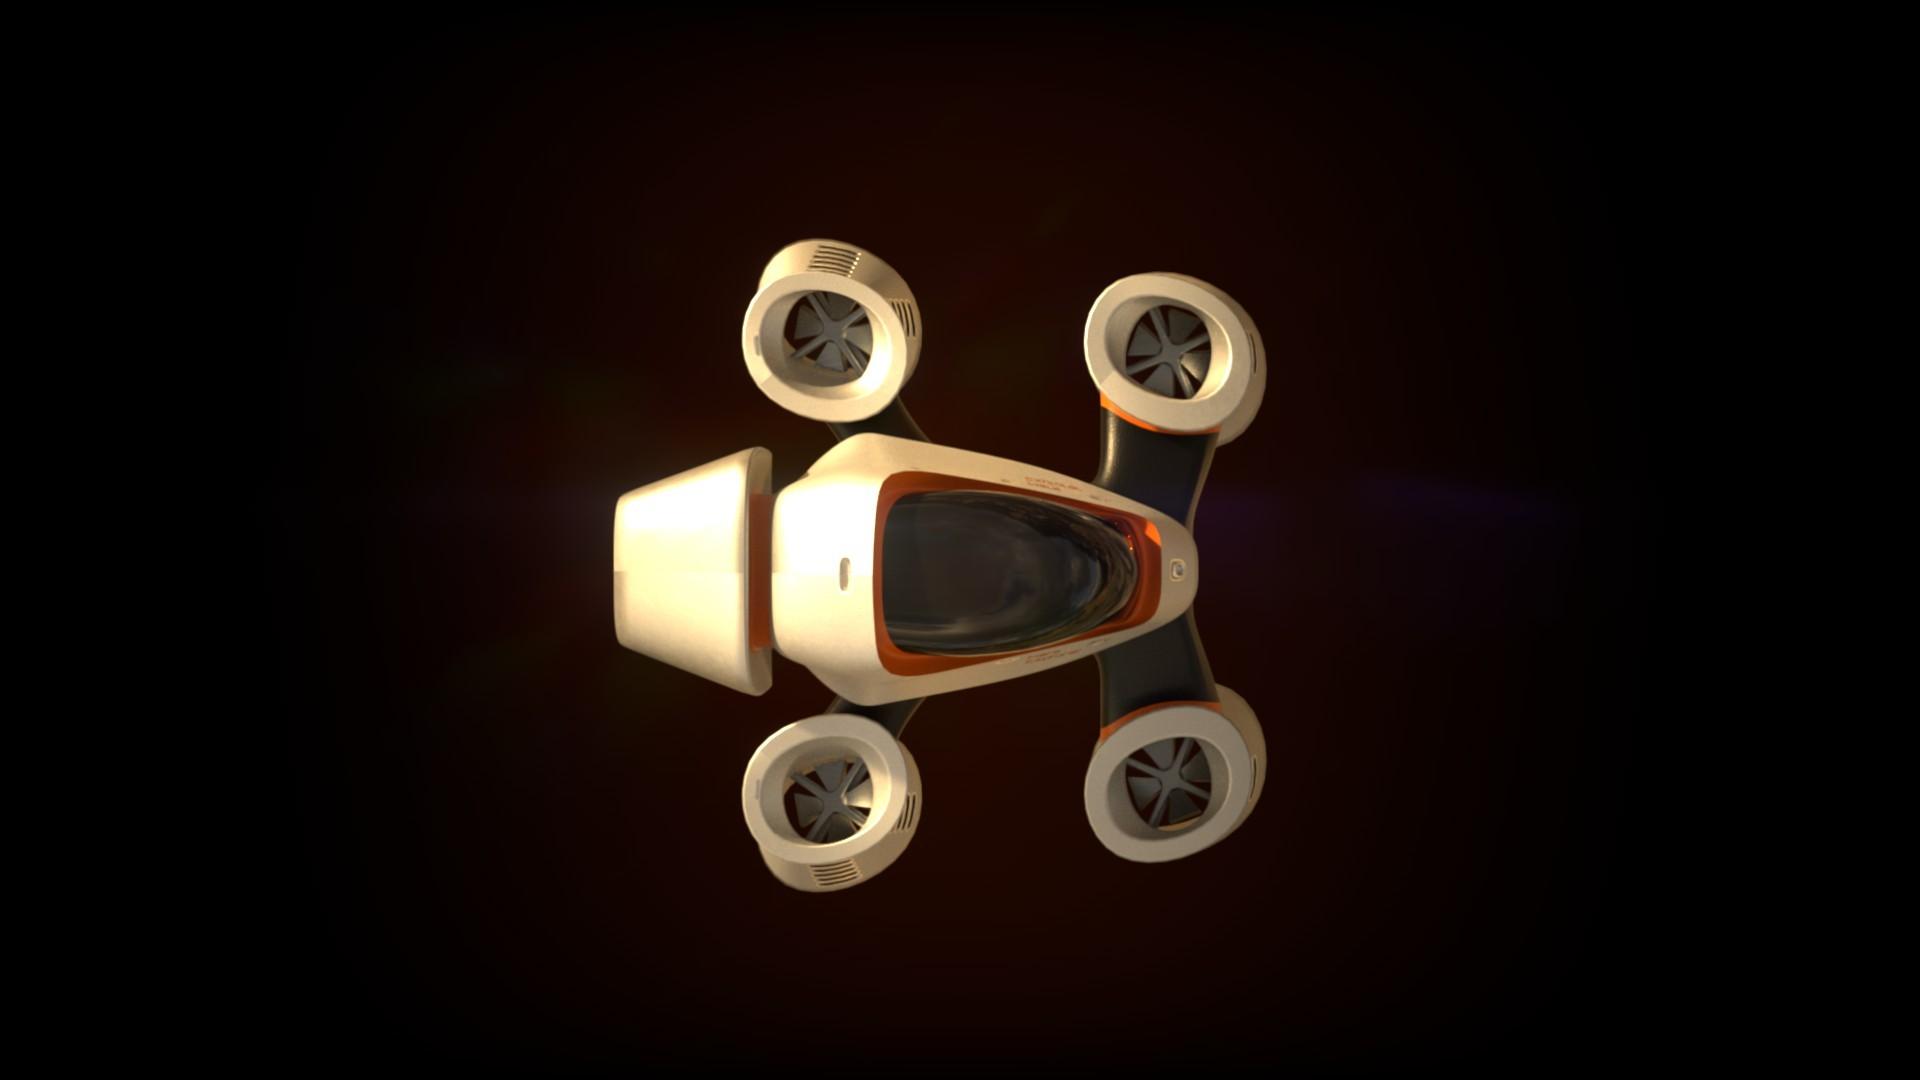 Emanuel cacciola drone v2 8